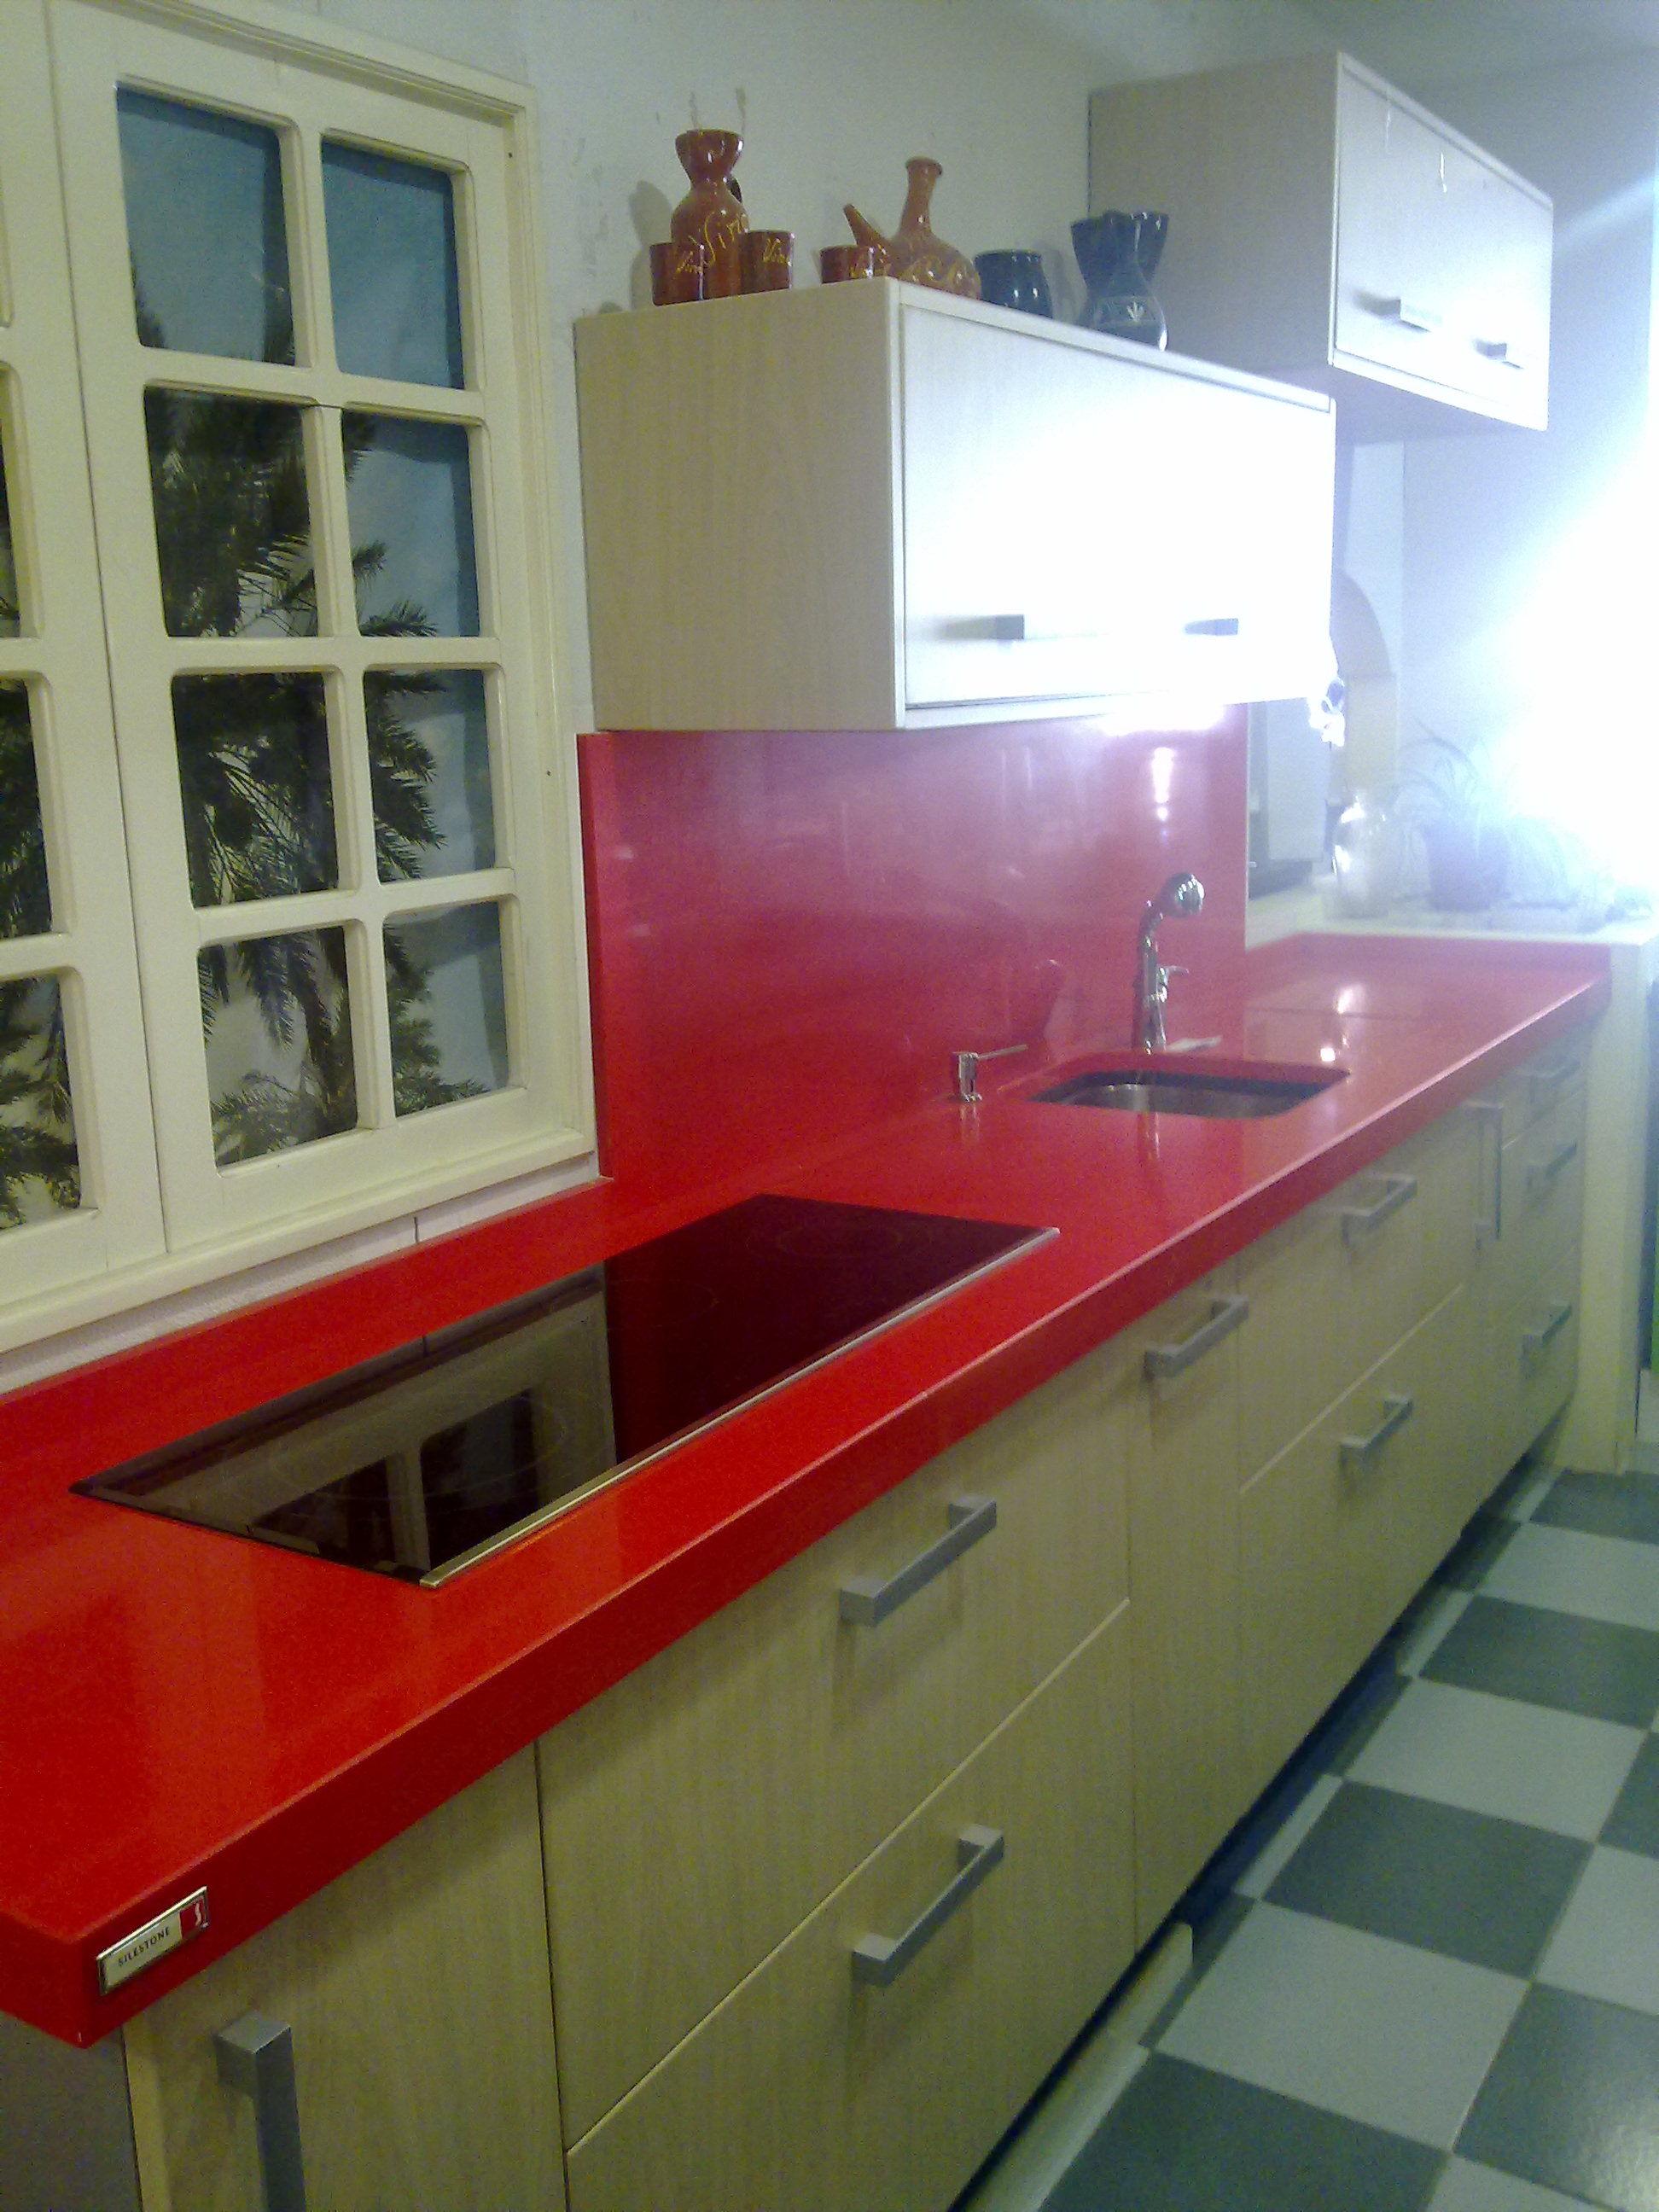 Liquidación exposición polilaminado con encimera silestone 3+3 rojo vital